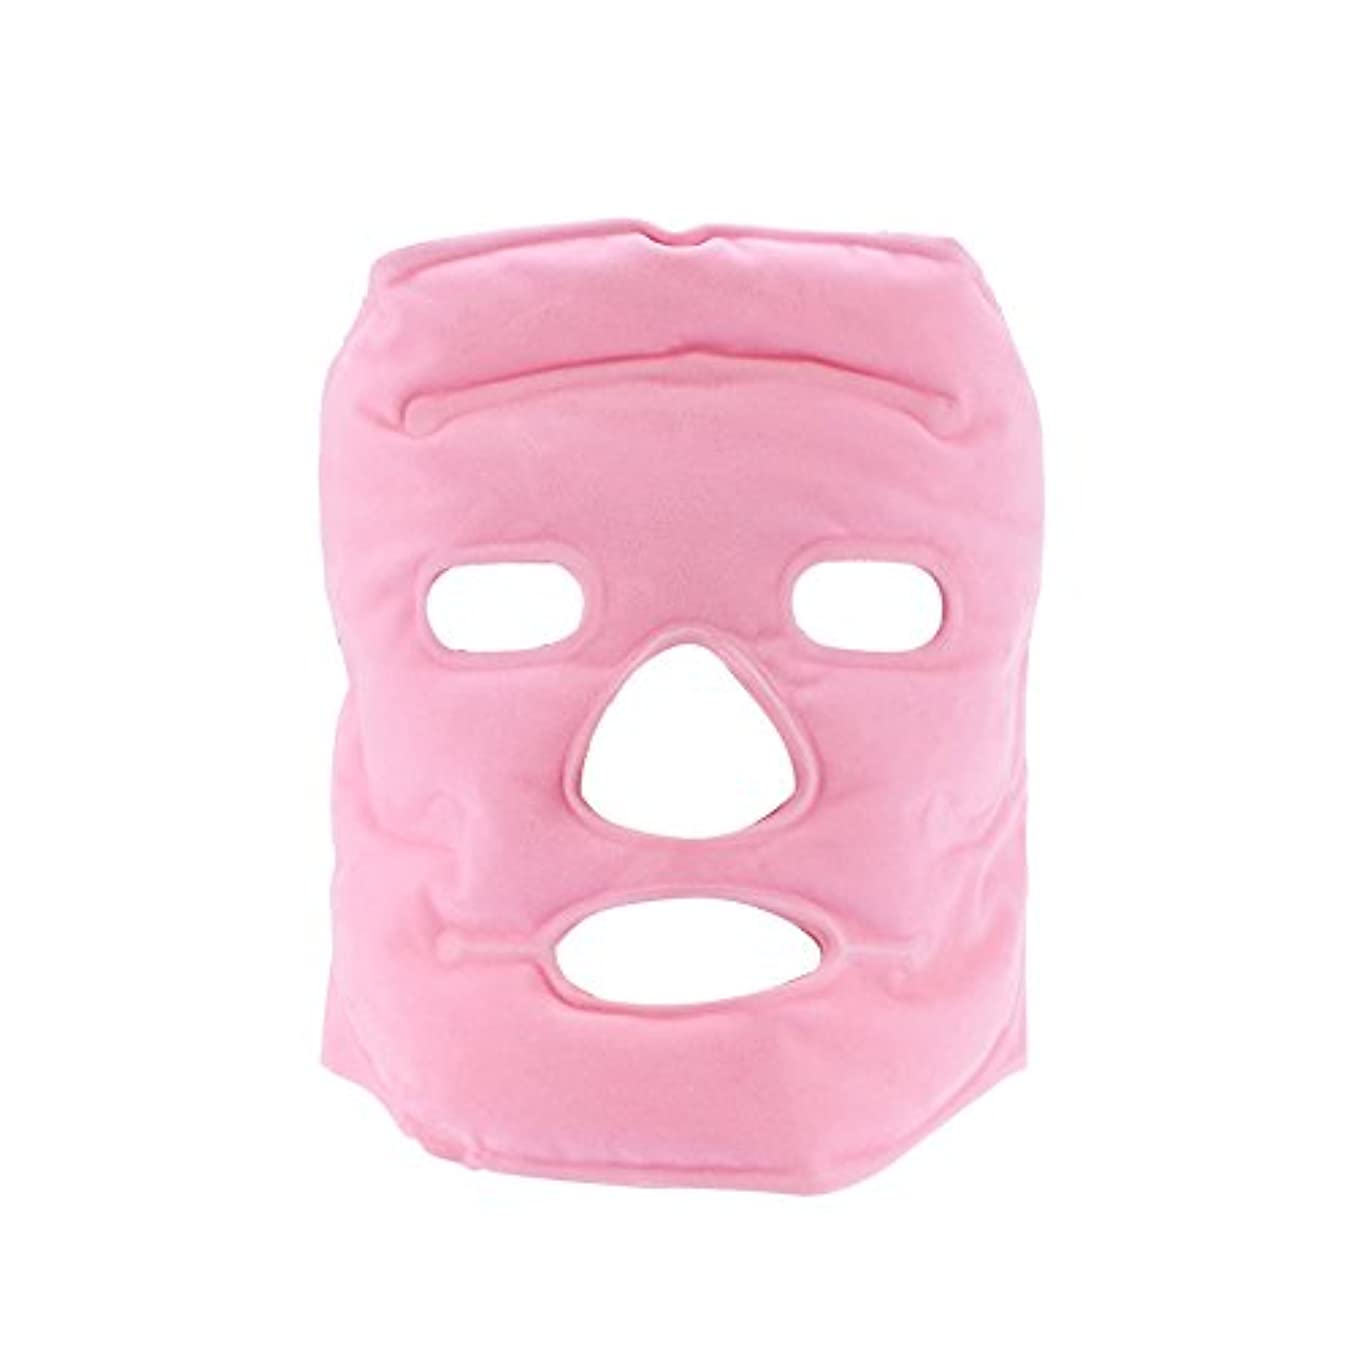 医薬品表向き民主主義トルマリンフェイスマスク、フェイシャル美容マスク計器トルマリン磁気コールド/ホットコンプレッションマッサージアンチリンクルフェイスケア女性